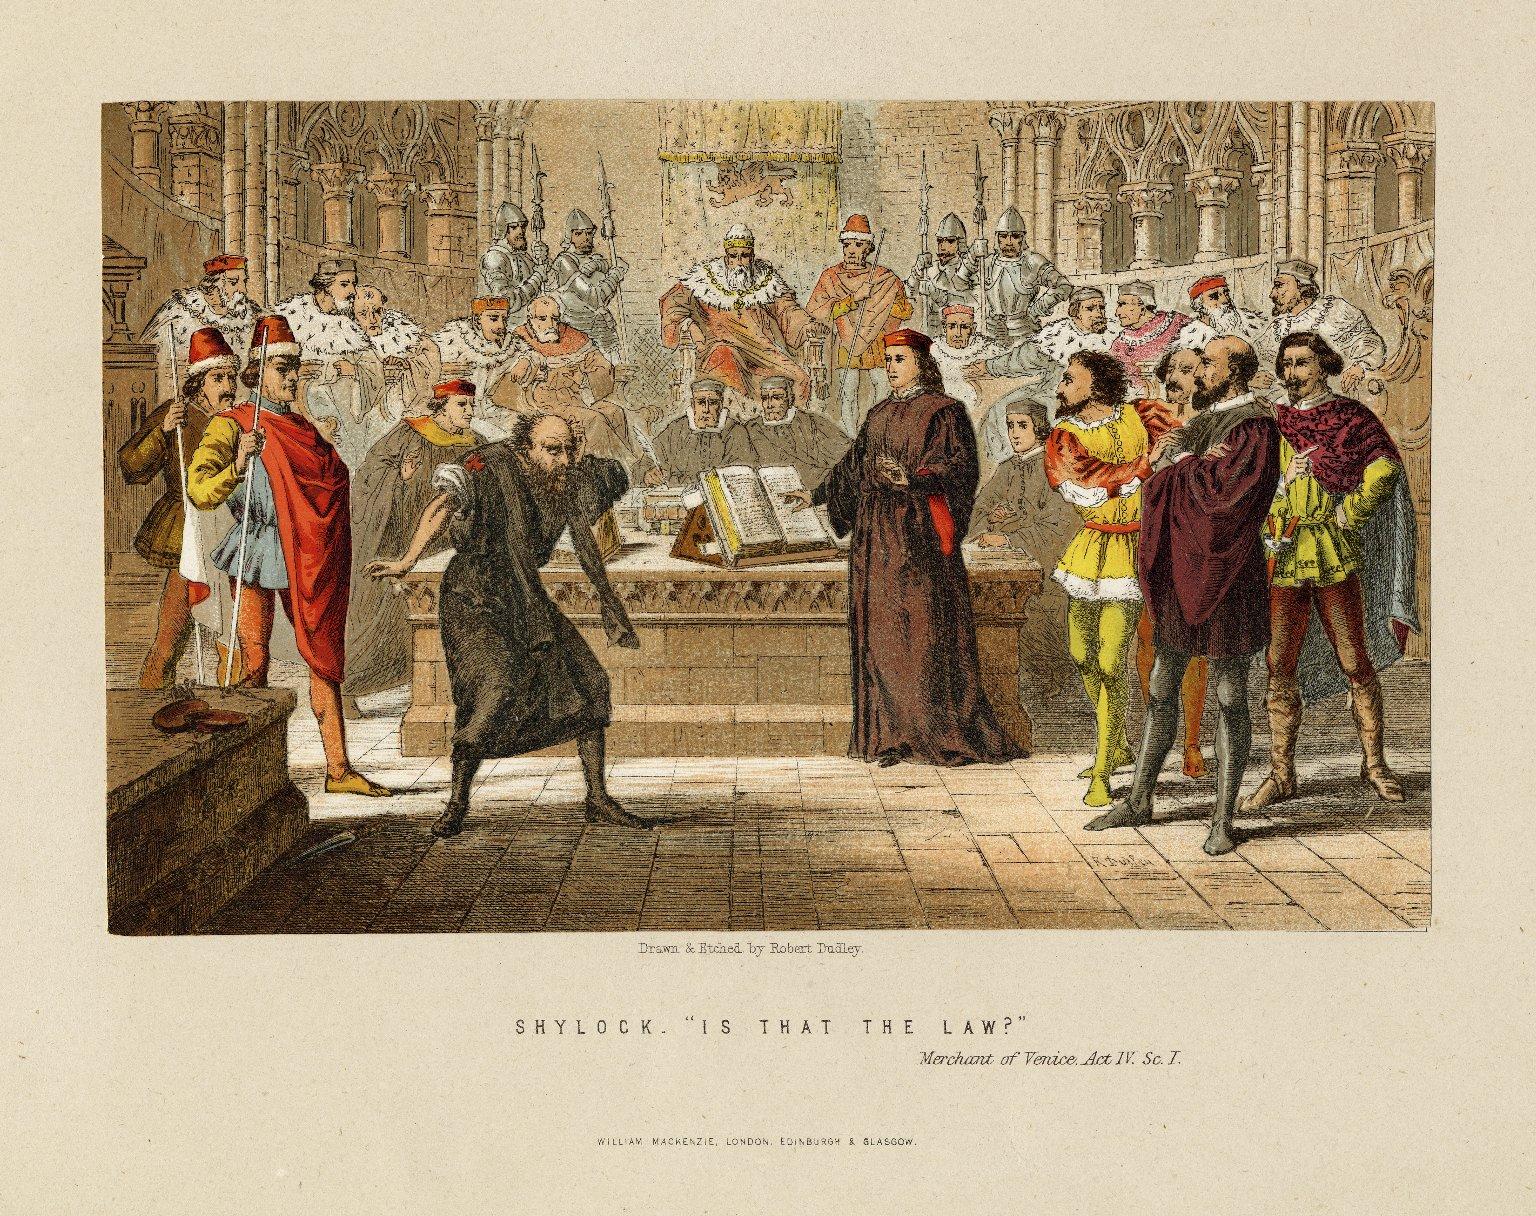 Merchant of Venice Act IV Scene 1